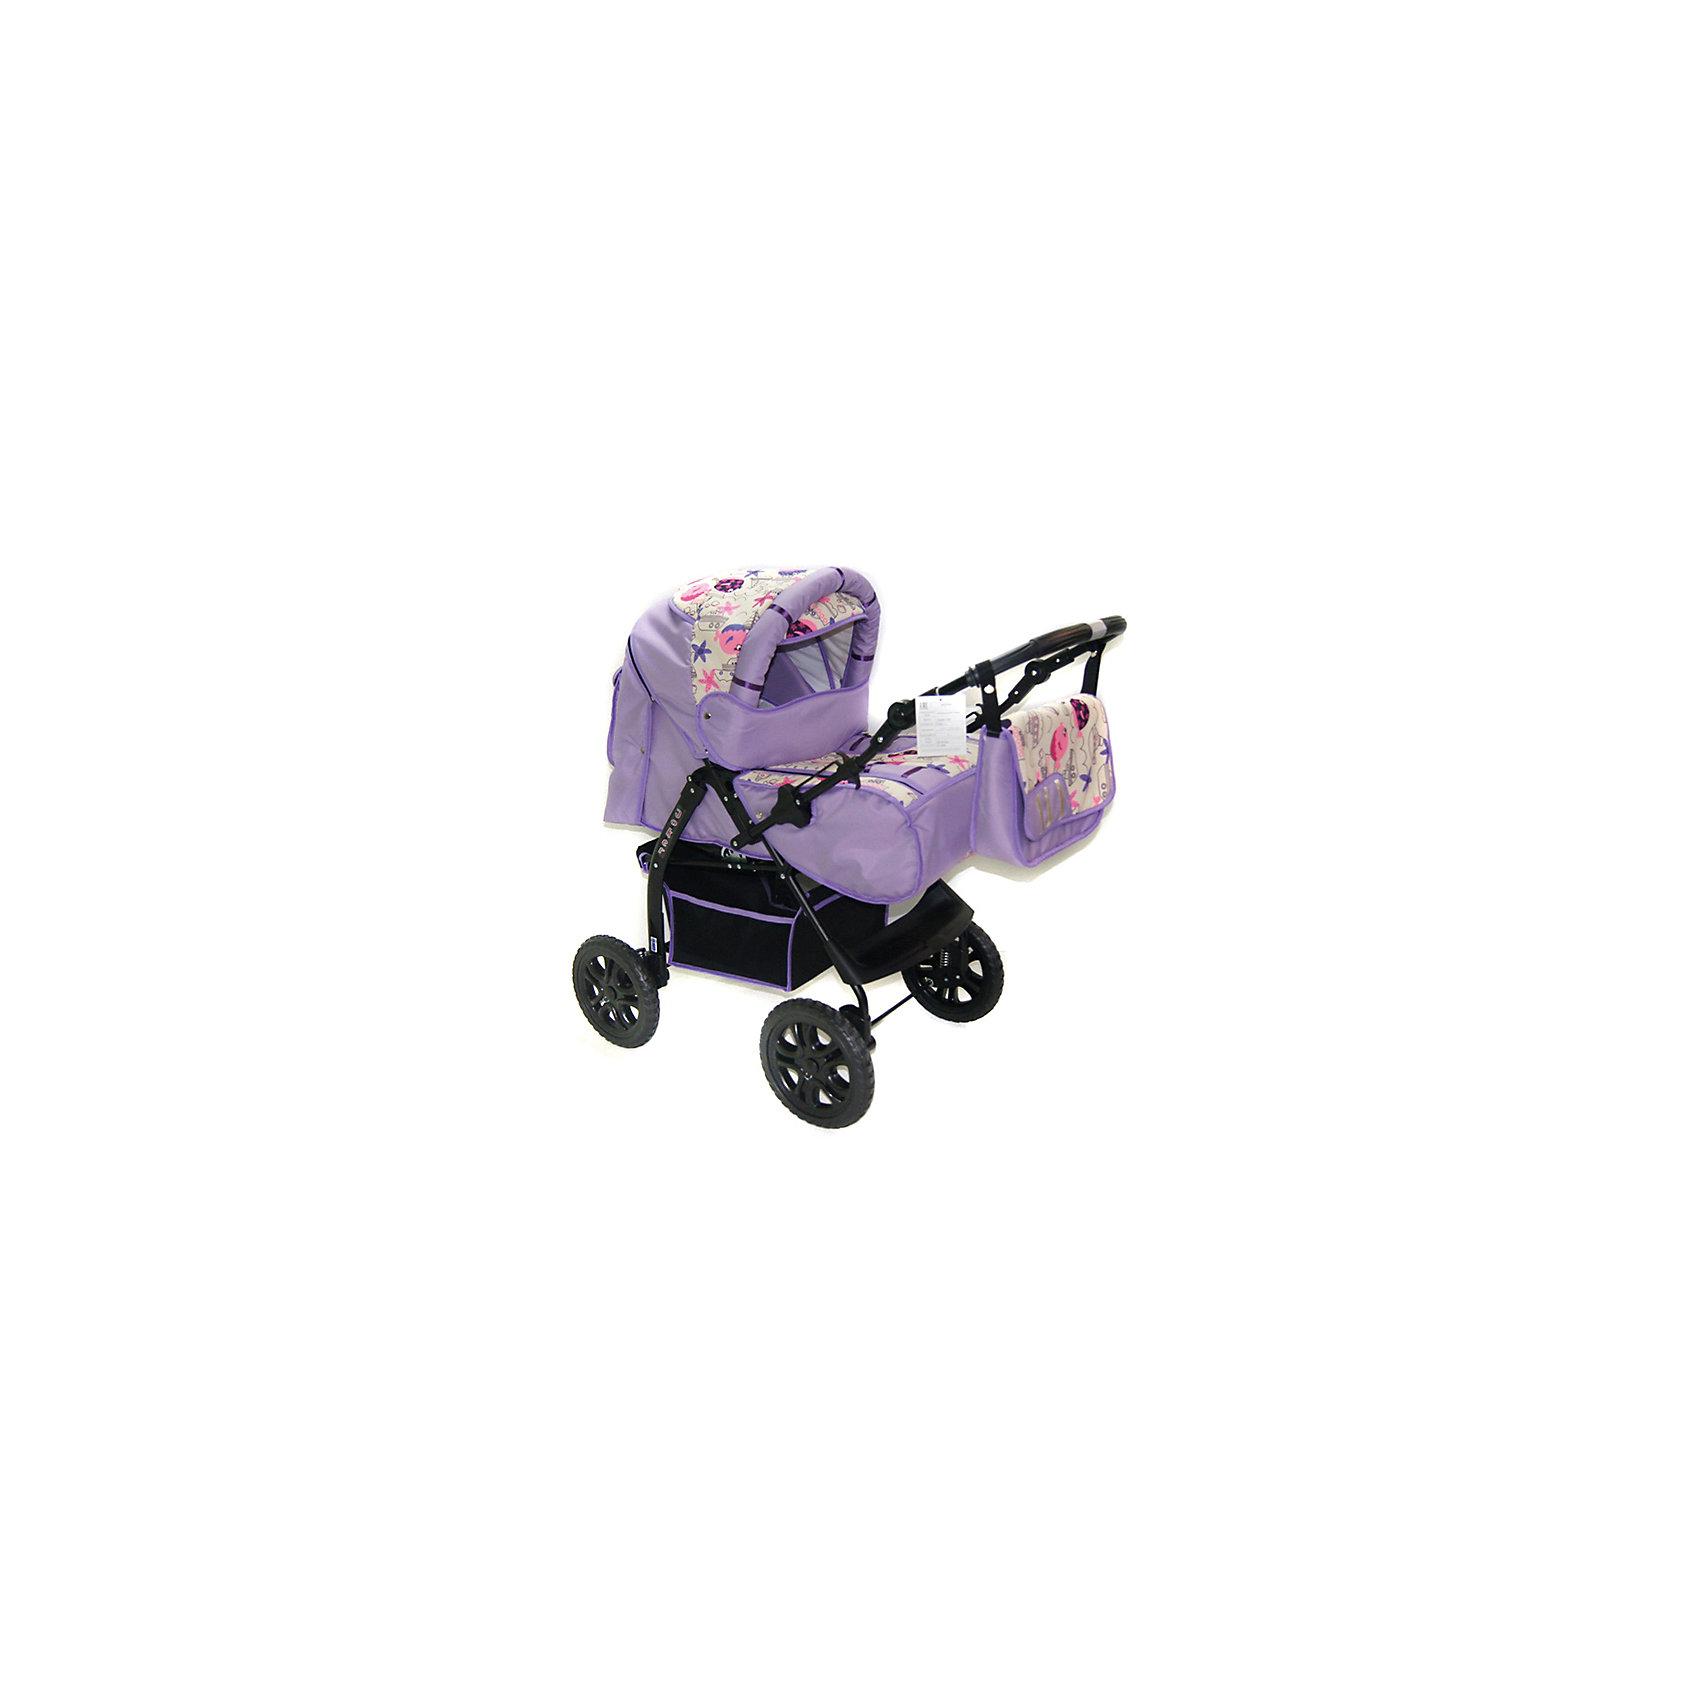 Коляска-трансформер KACPER JOKER КОРАБЛИКИ, лиловыйКоляски-трансформеры<br>KACPER Коляска JOKER КОРАБЛИКИ лиловый (рег. ручка, колёса иммит,сумка,дожд,москит)<br><br>Ширина мм: 350<br>Глубина мм: 950<br>Высота мм: 620<br>Вес г: 15000<br>Возраст от месяцев: -2147483648<br>Возраст до месяцев: 2147483647<br>Пол: Унисекс<br>Возраст: Детский<br>SKU: 5500210